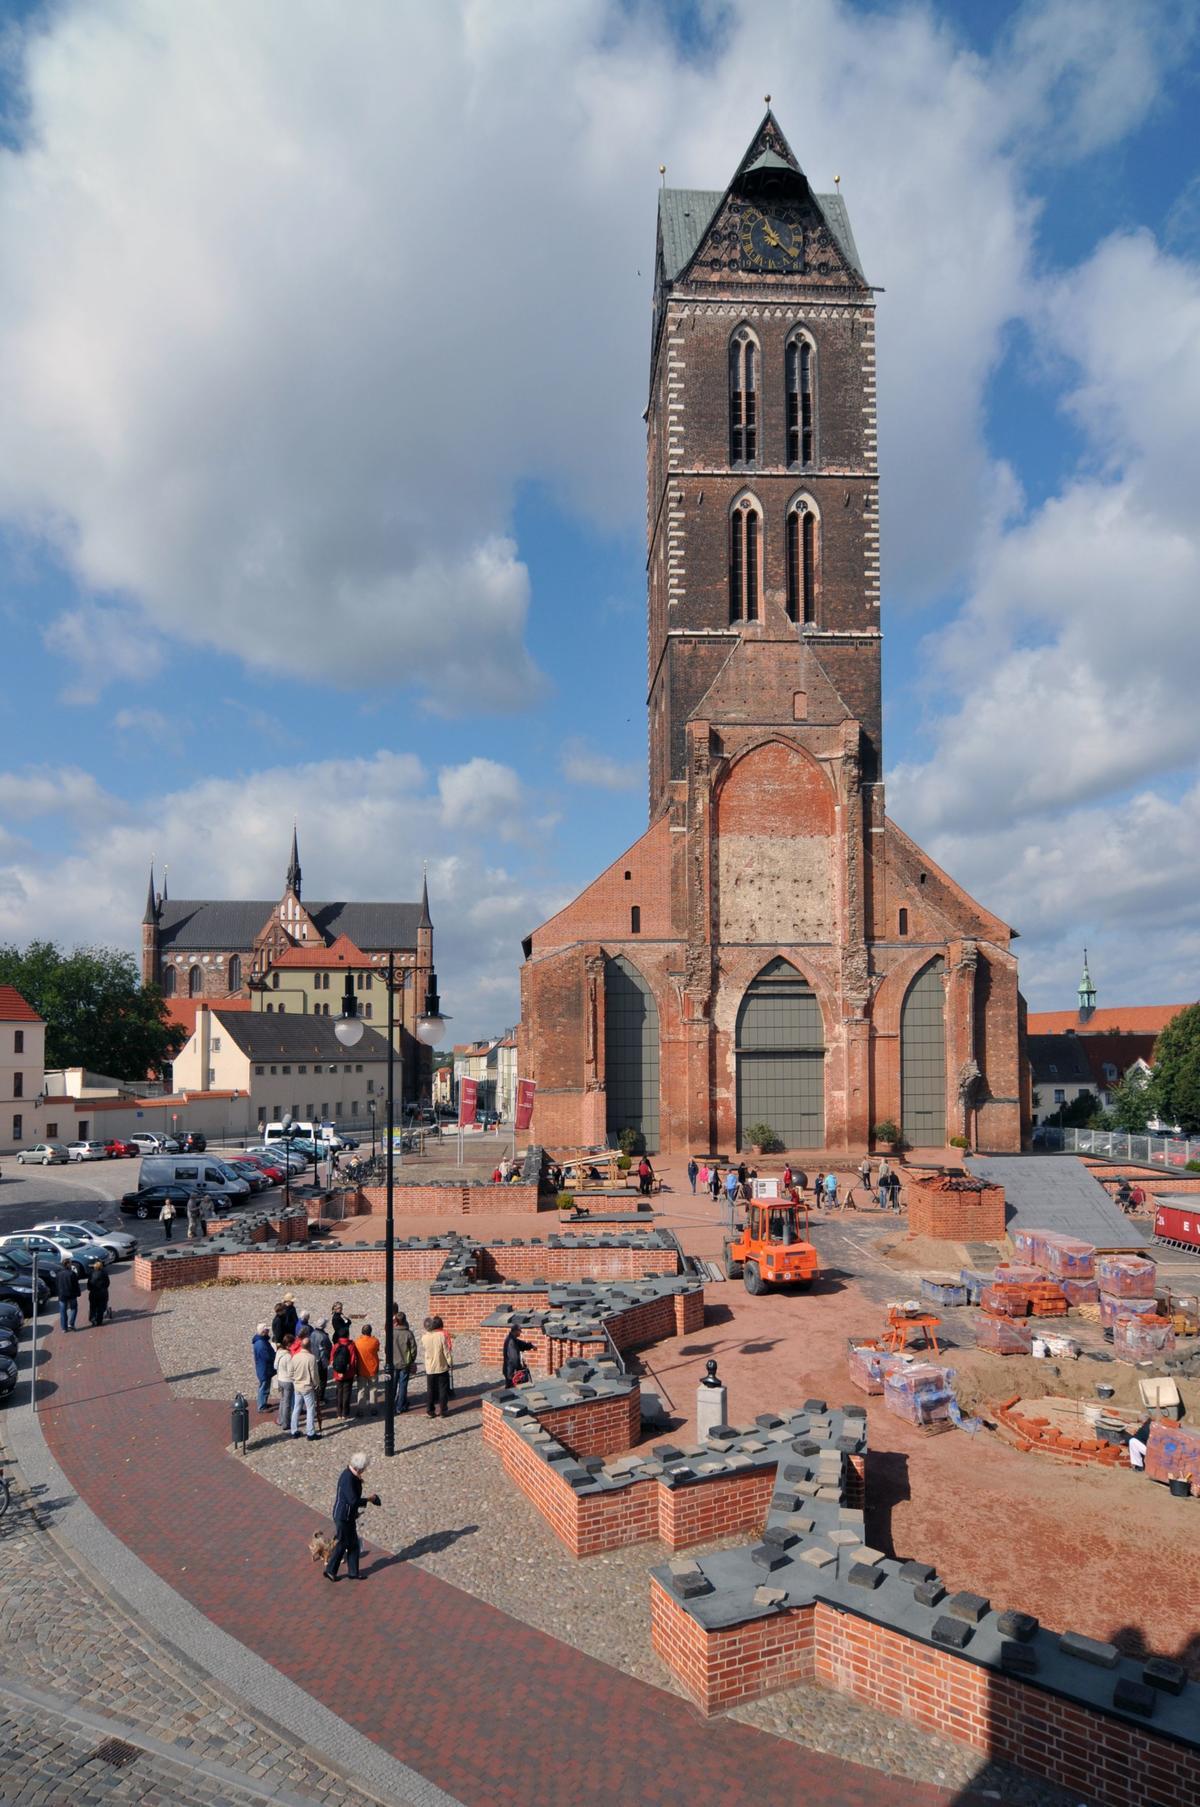 Wismar Marienkirche